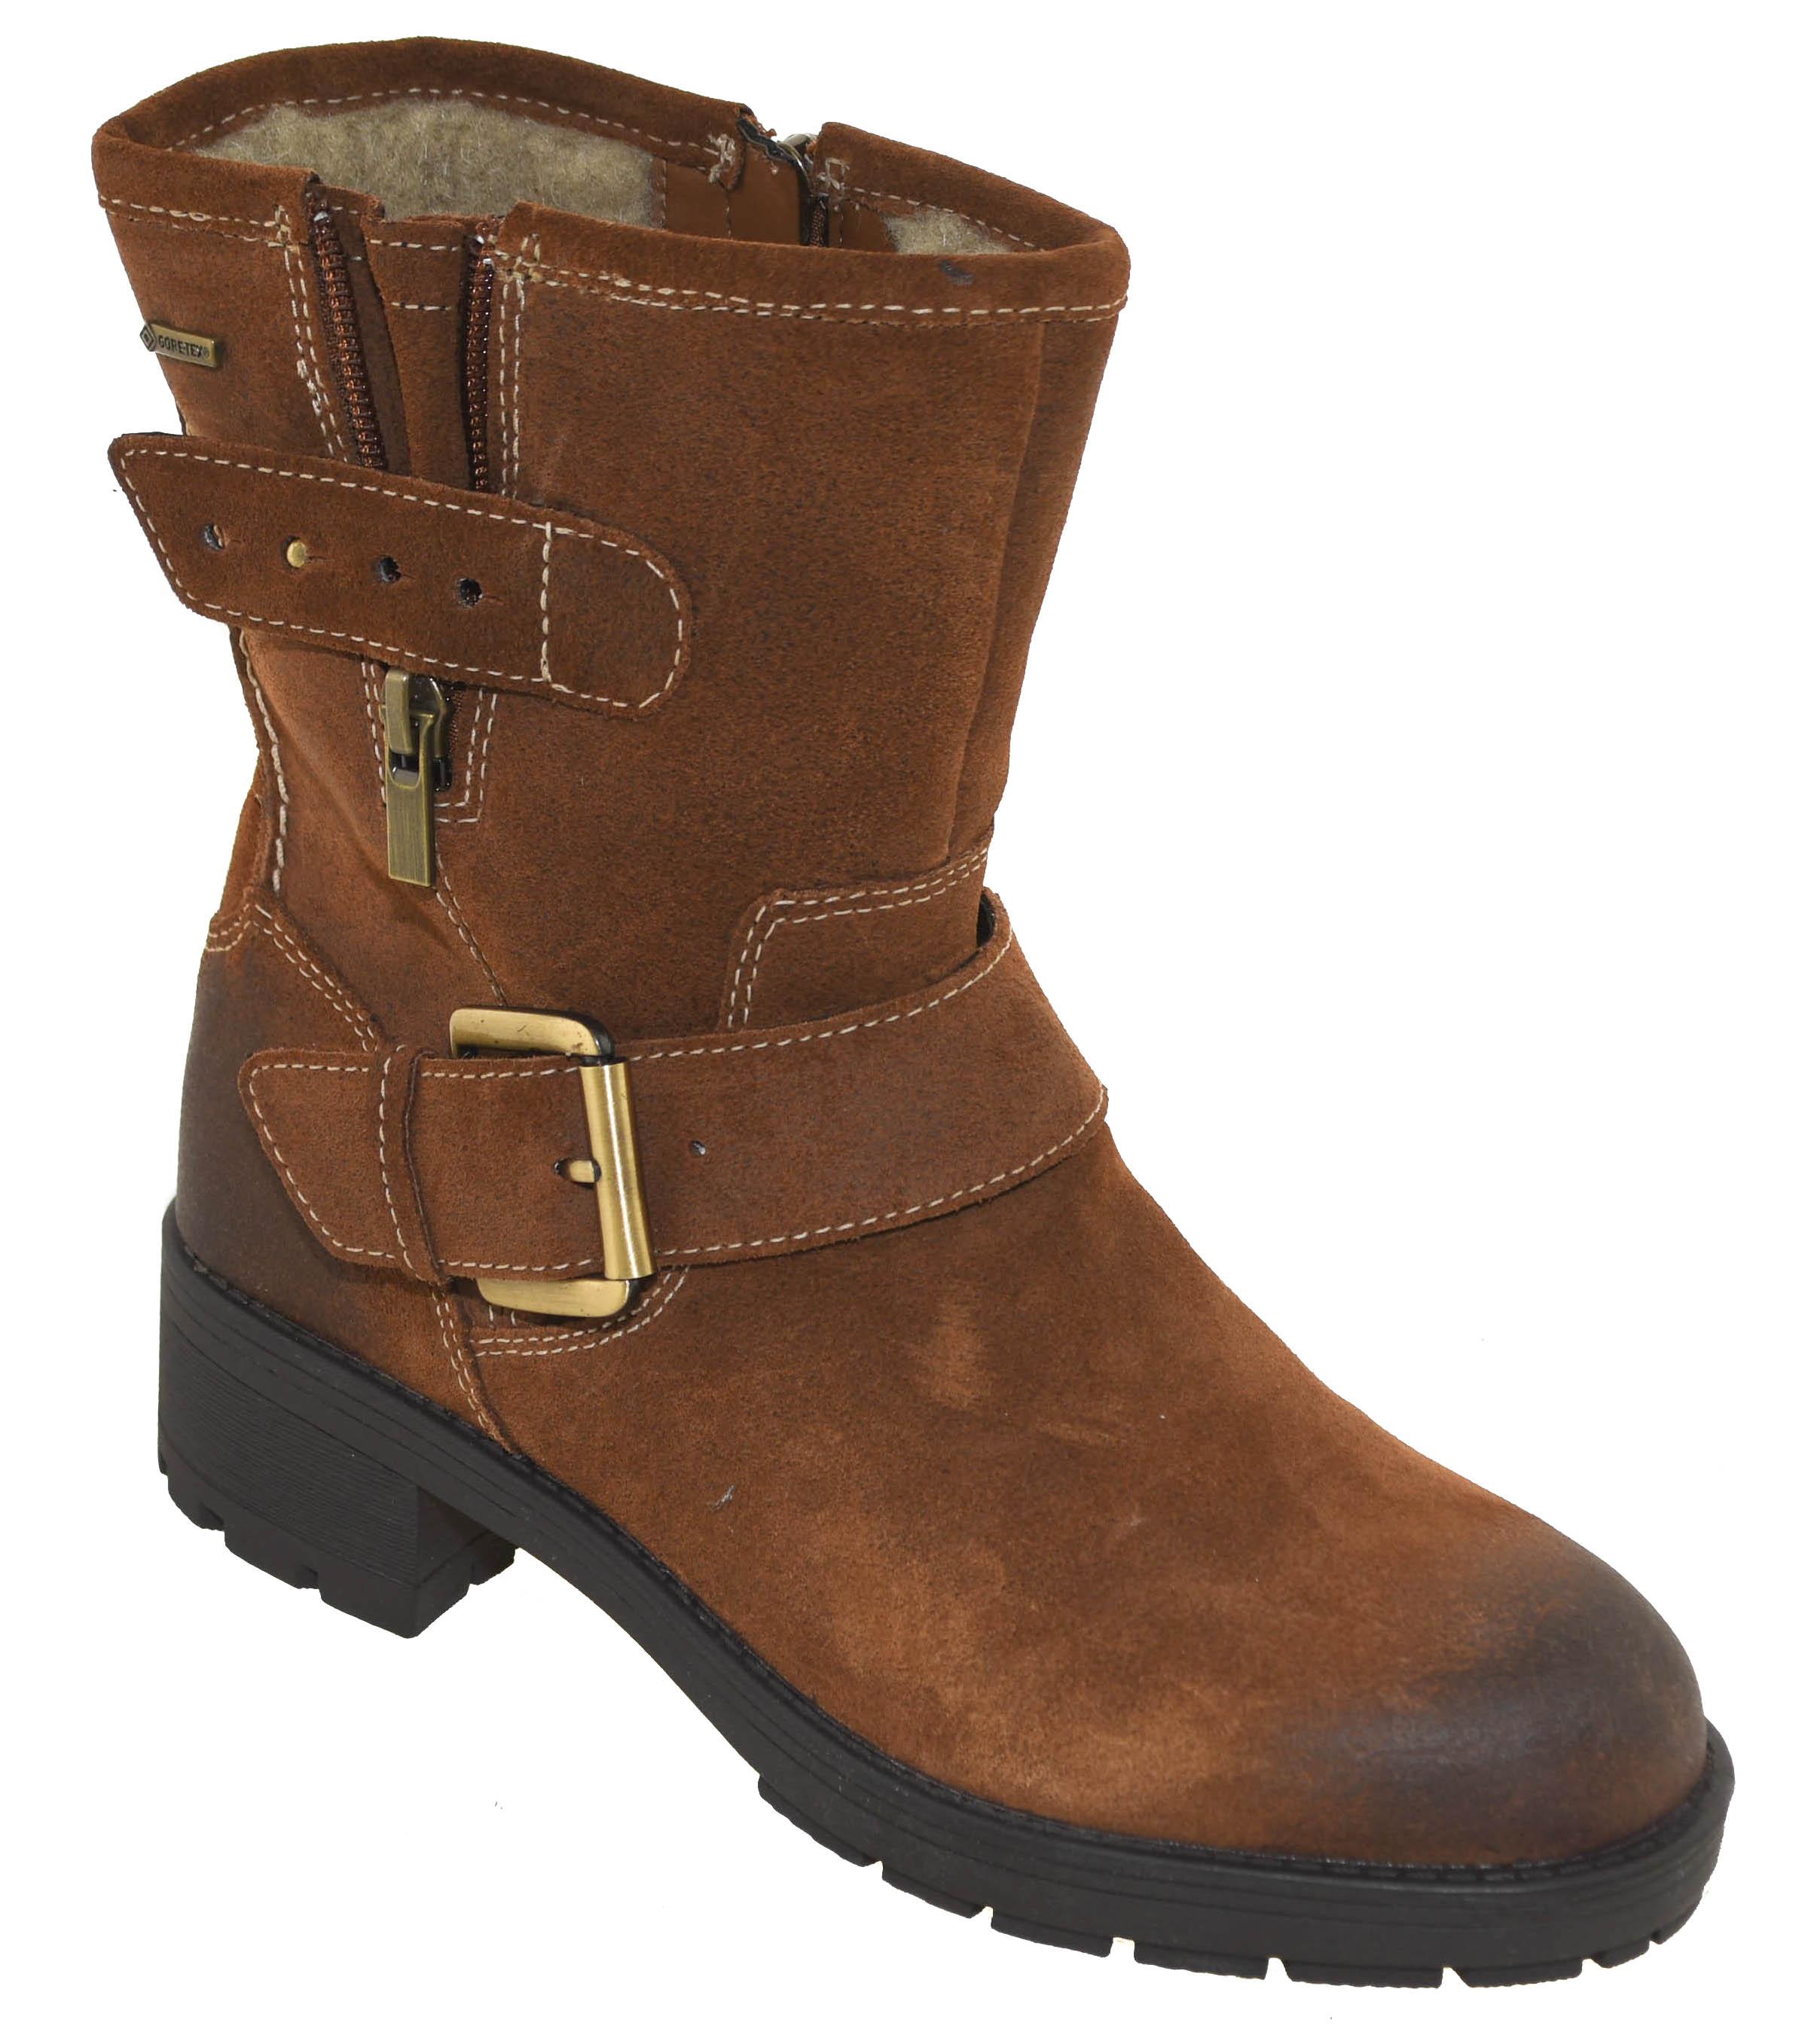 d7d283677 Clarks Women s Waterproof Reunite Go GTX Boots Brown Suede 10920